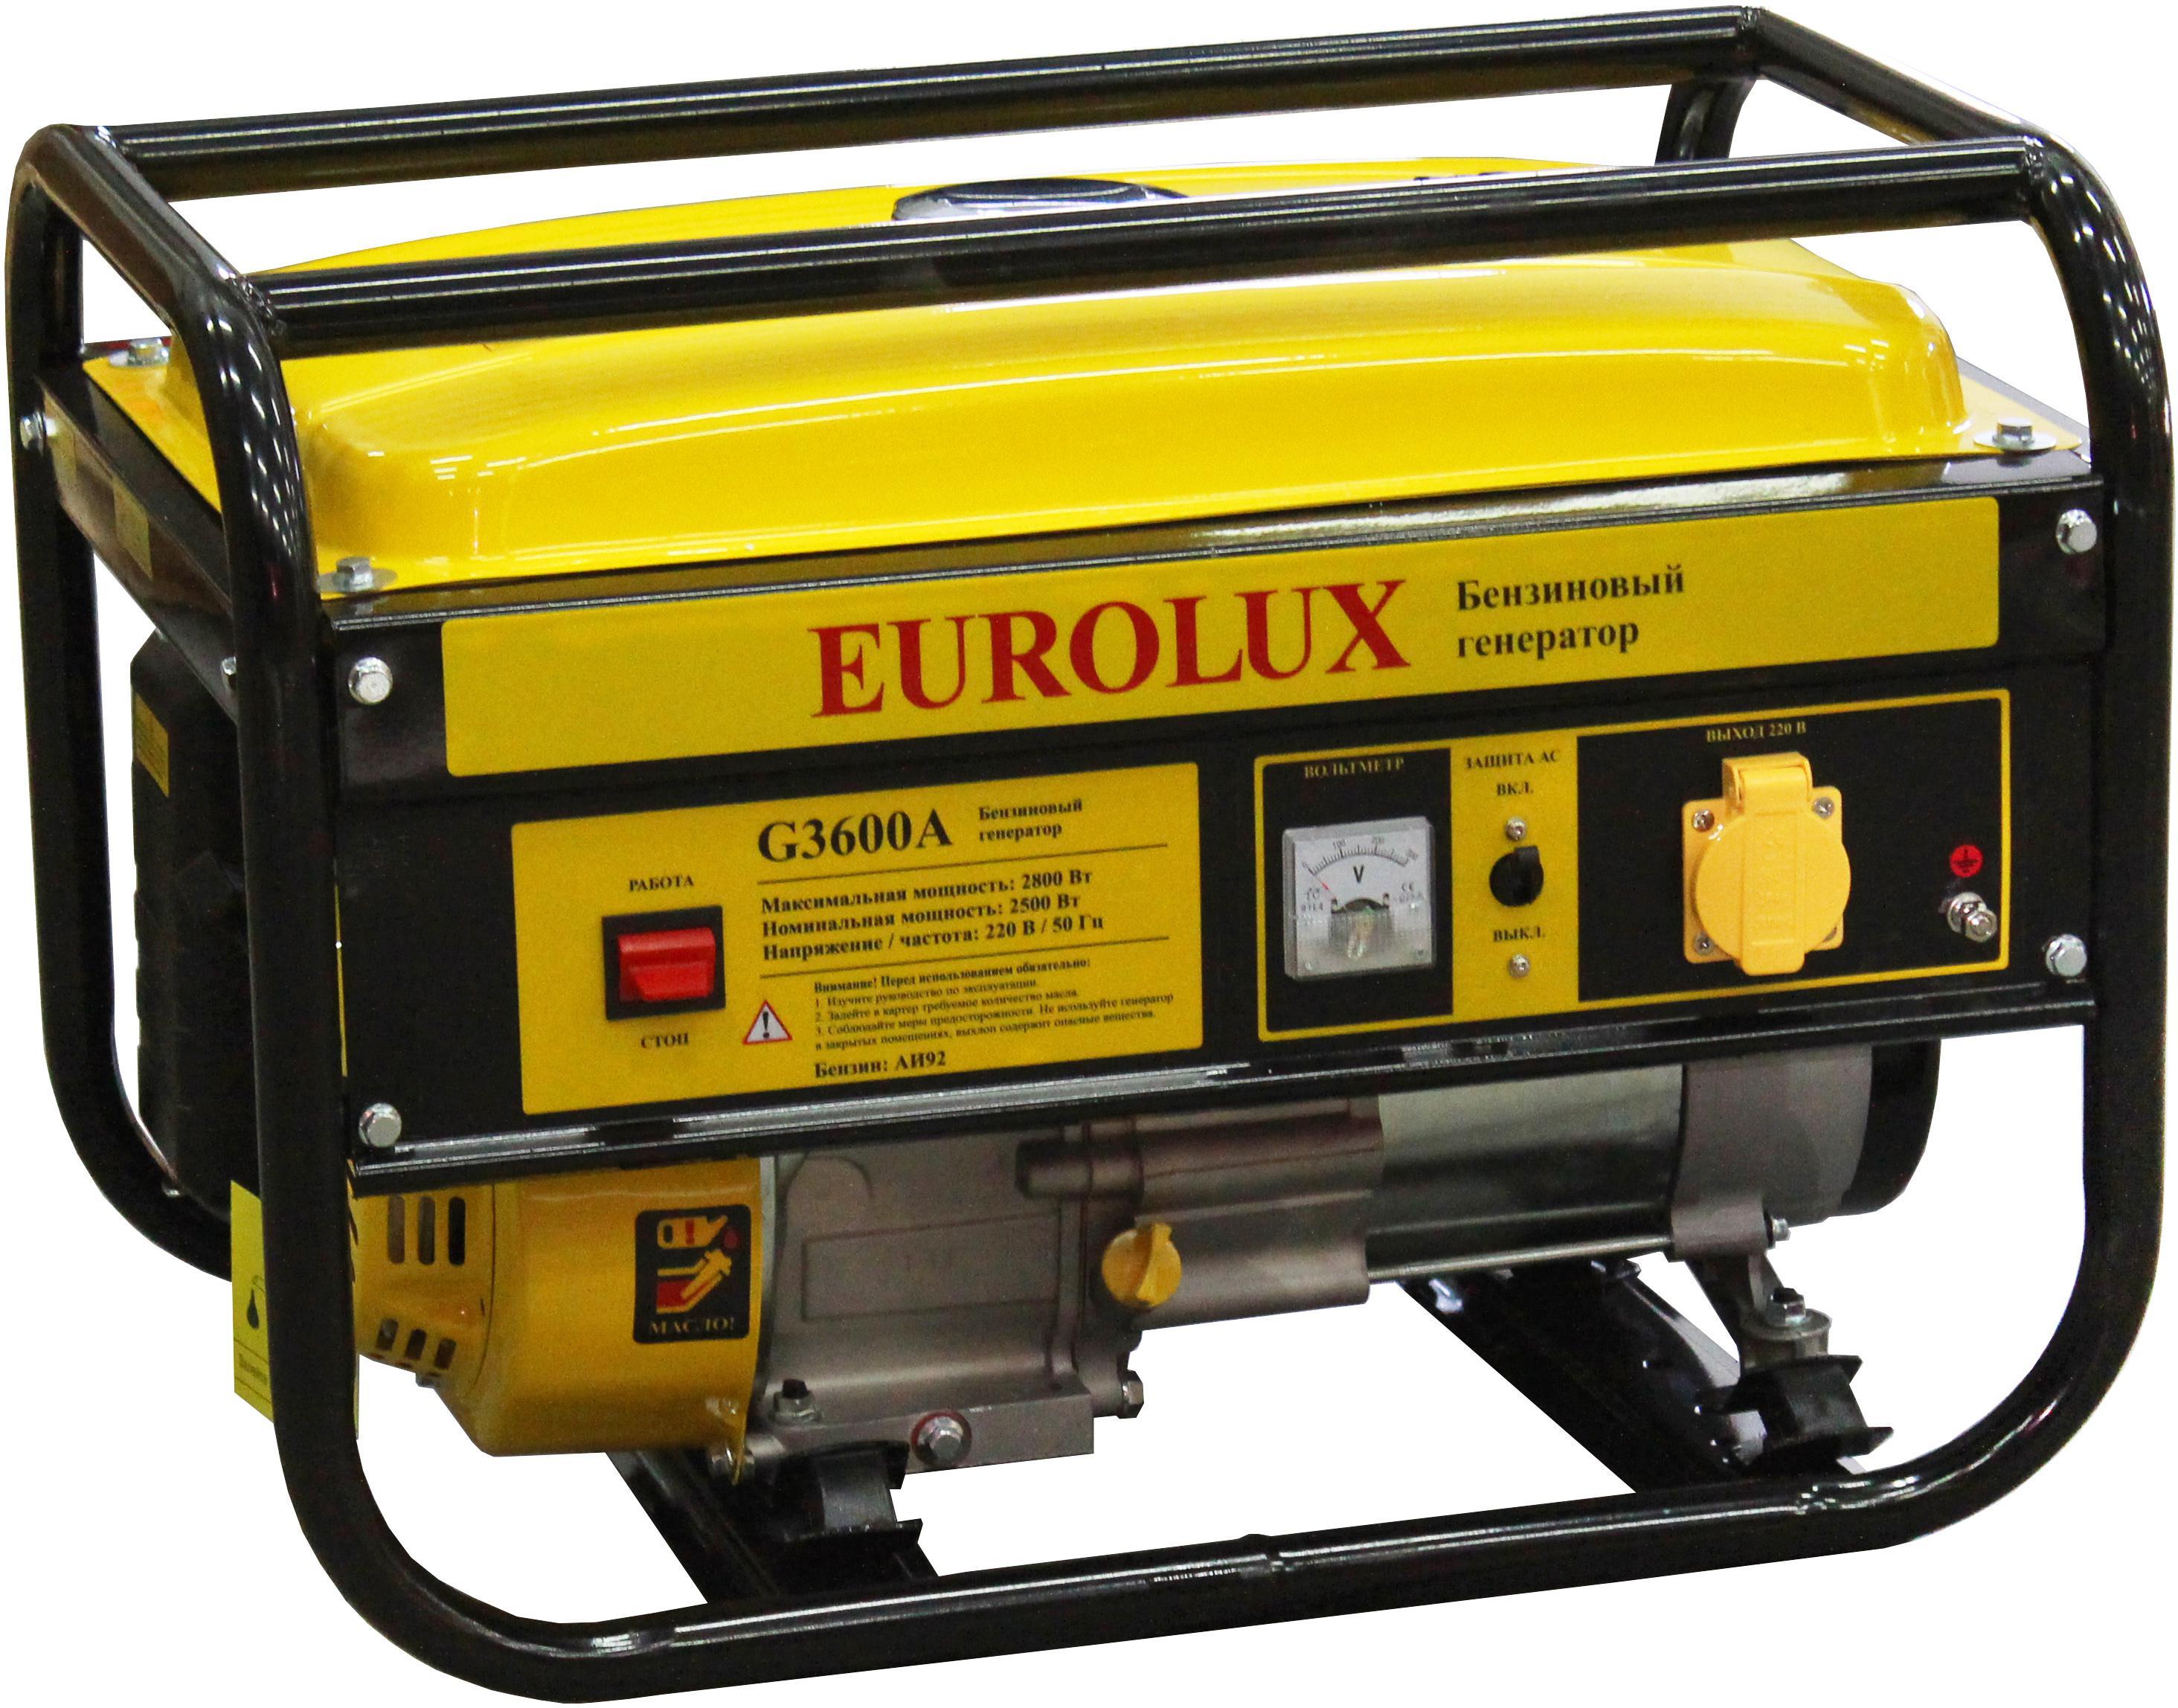 Бензиновый генератор Eurolux G3600a